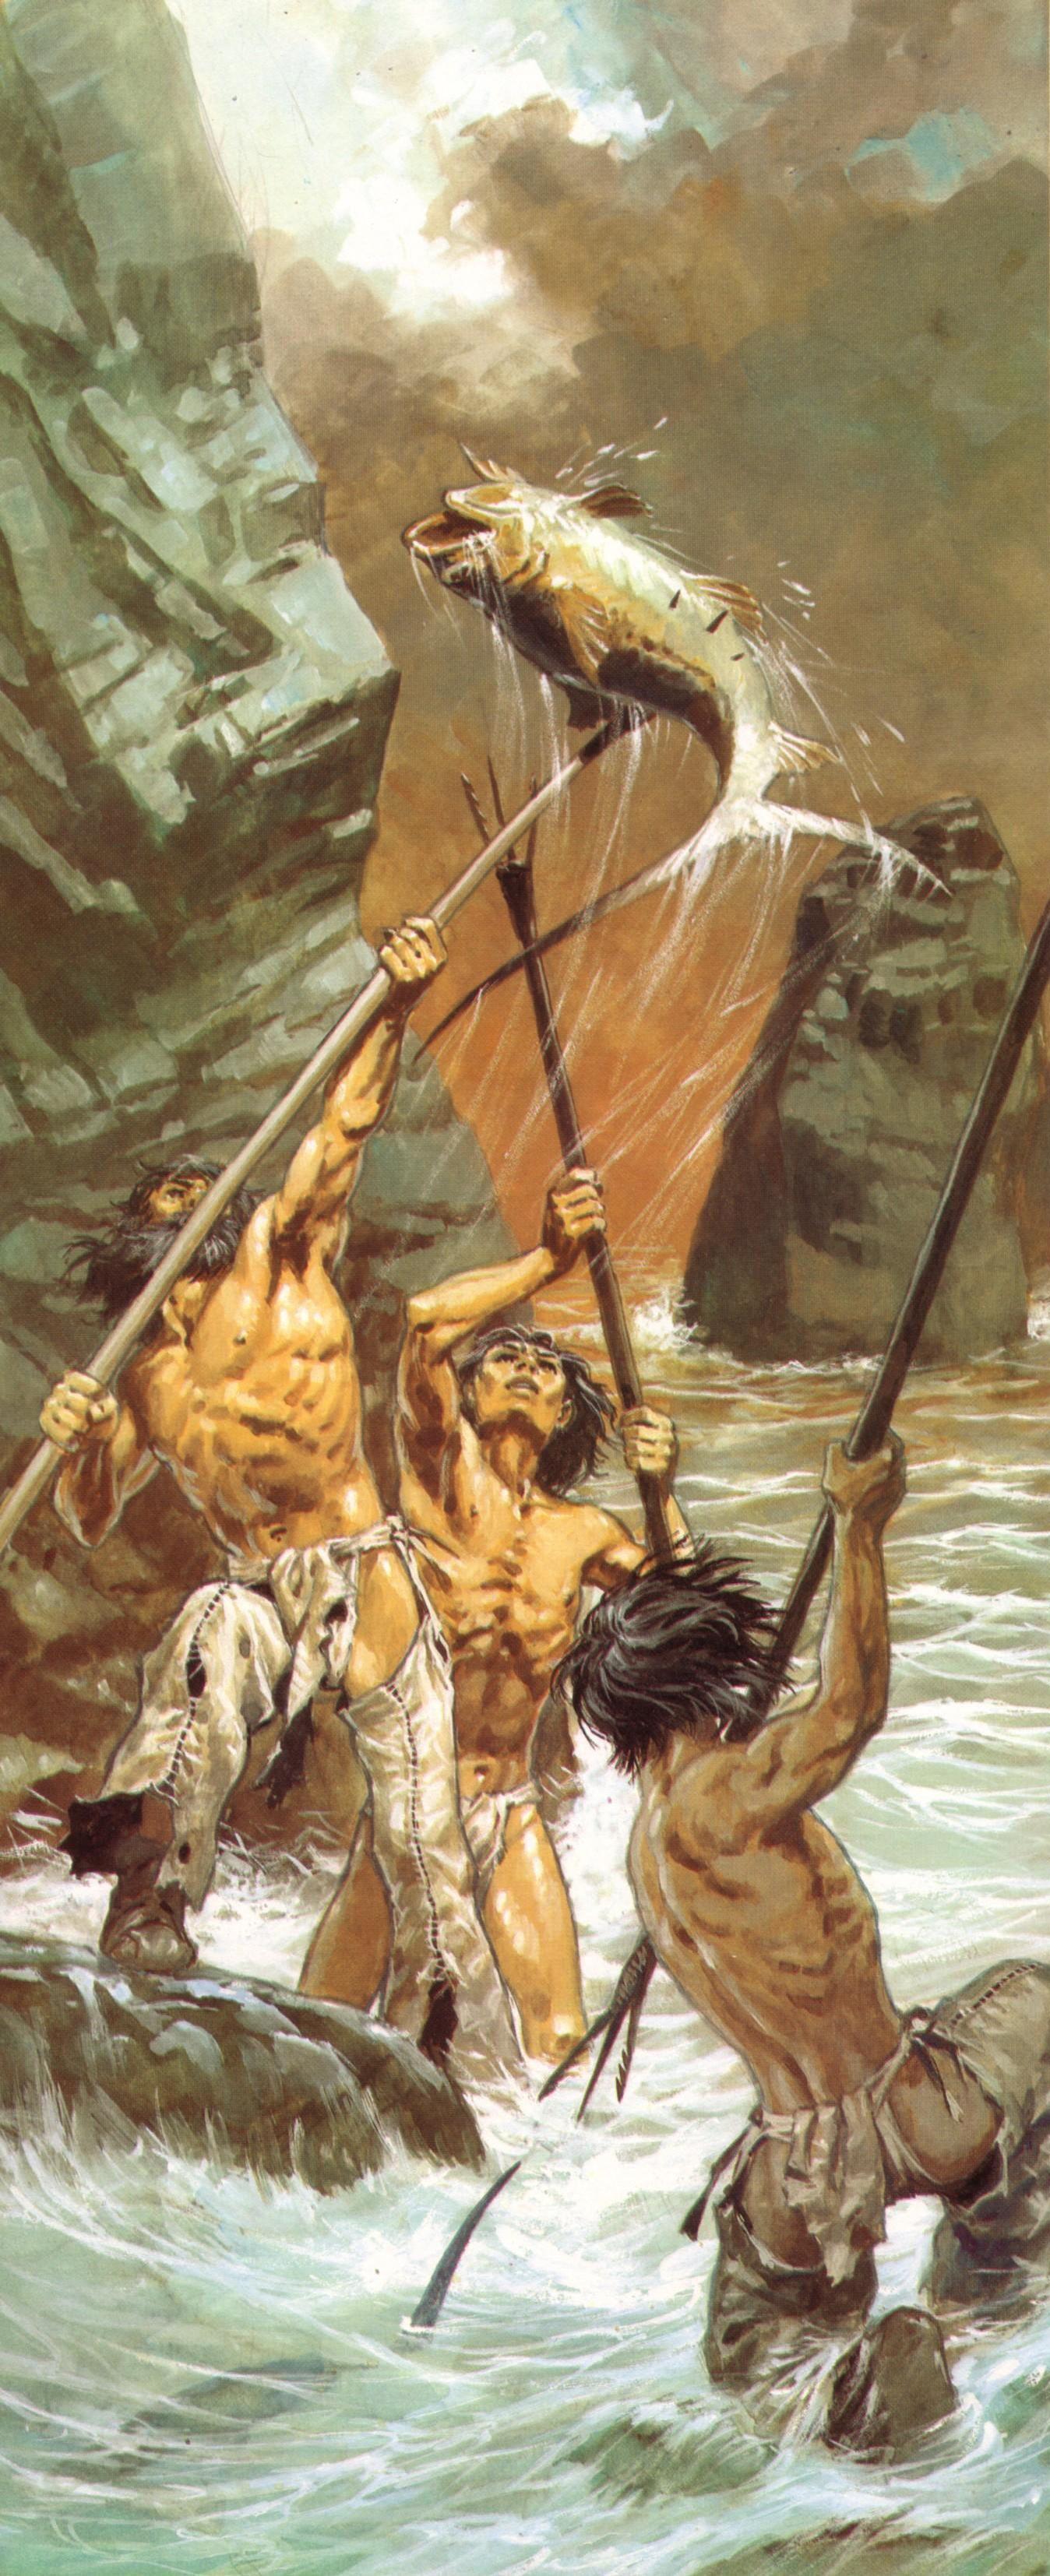 Mūsų protėviai traukdavo ir itin dideles žuvis